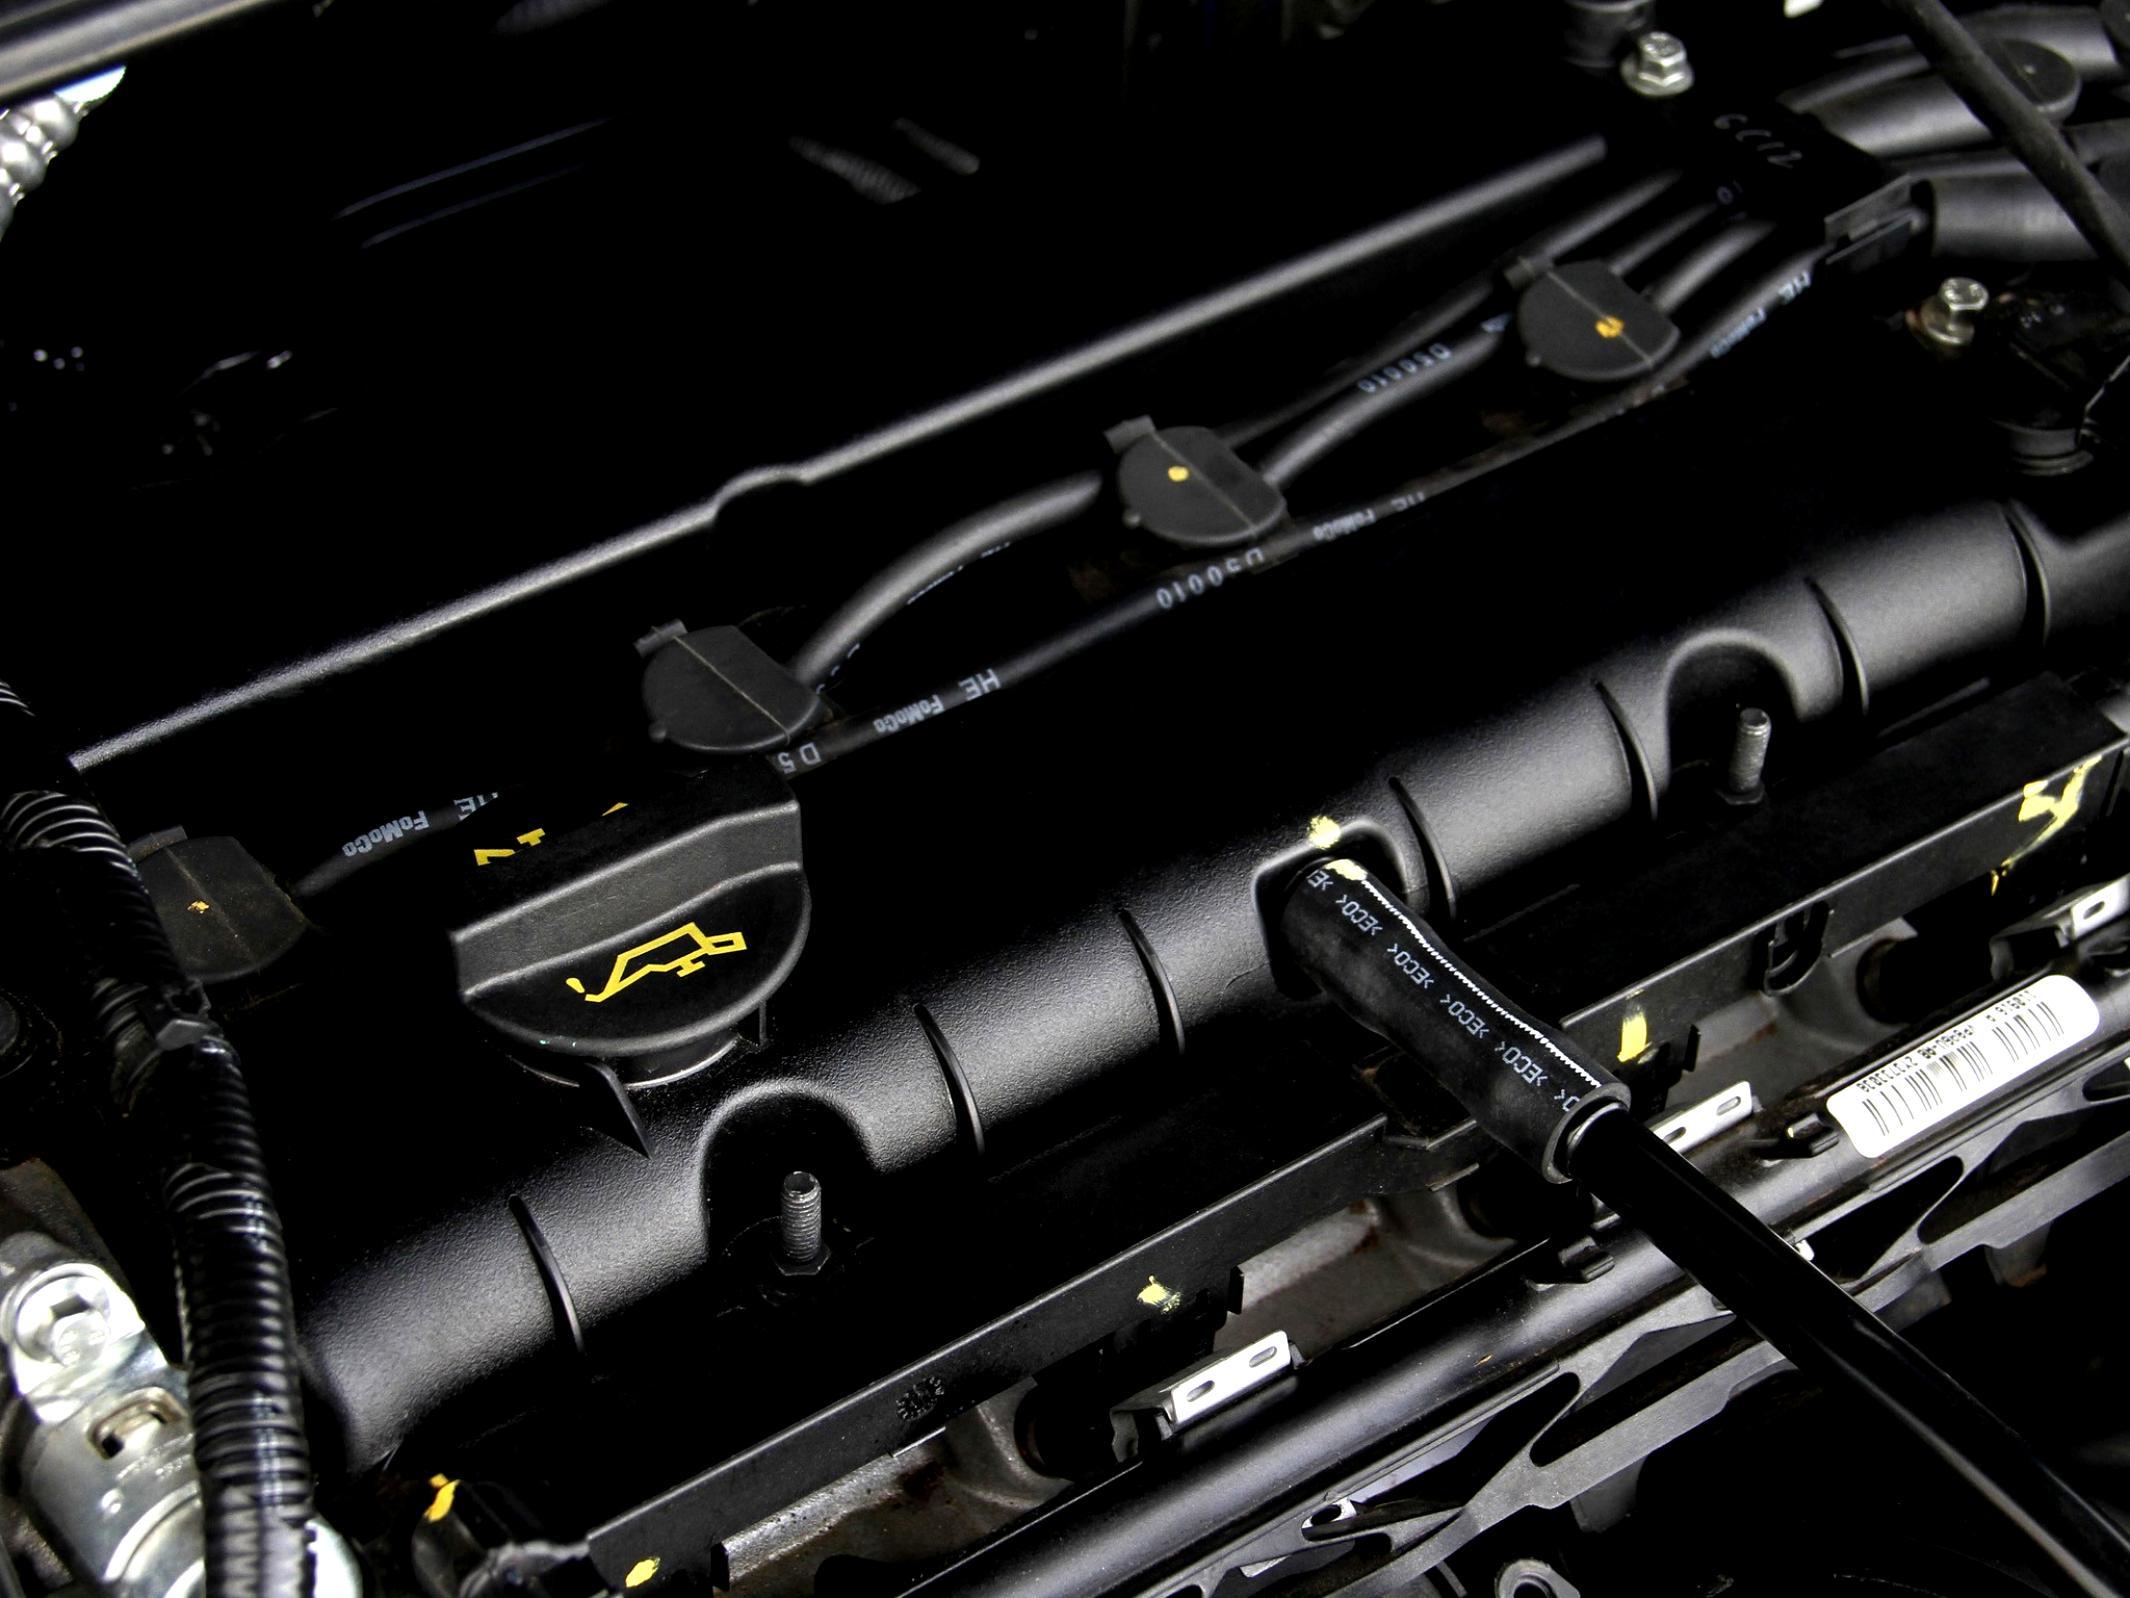 Установка пластиковой крышки на мотор 1.6 Ford Focus 3